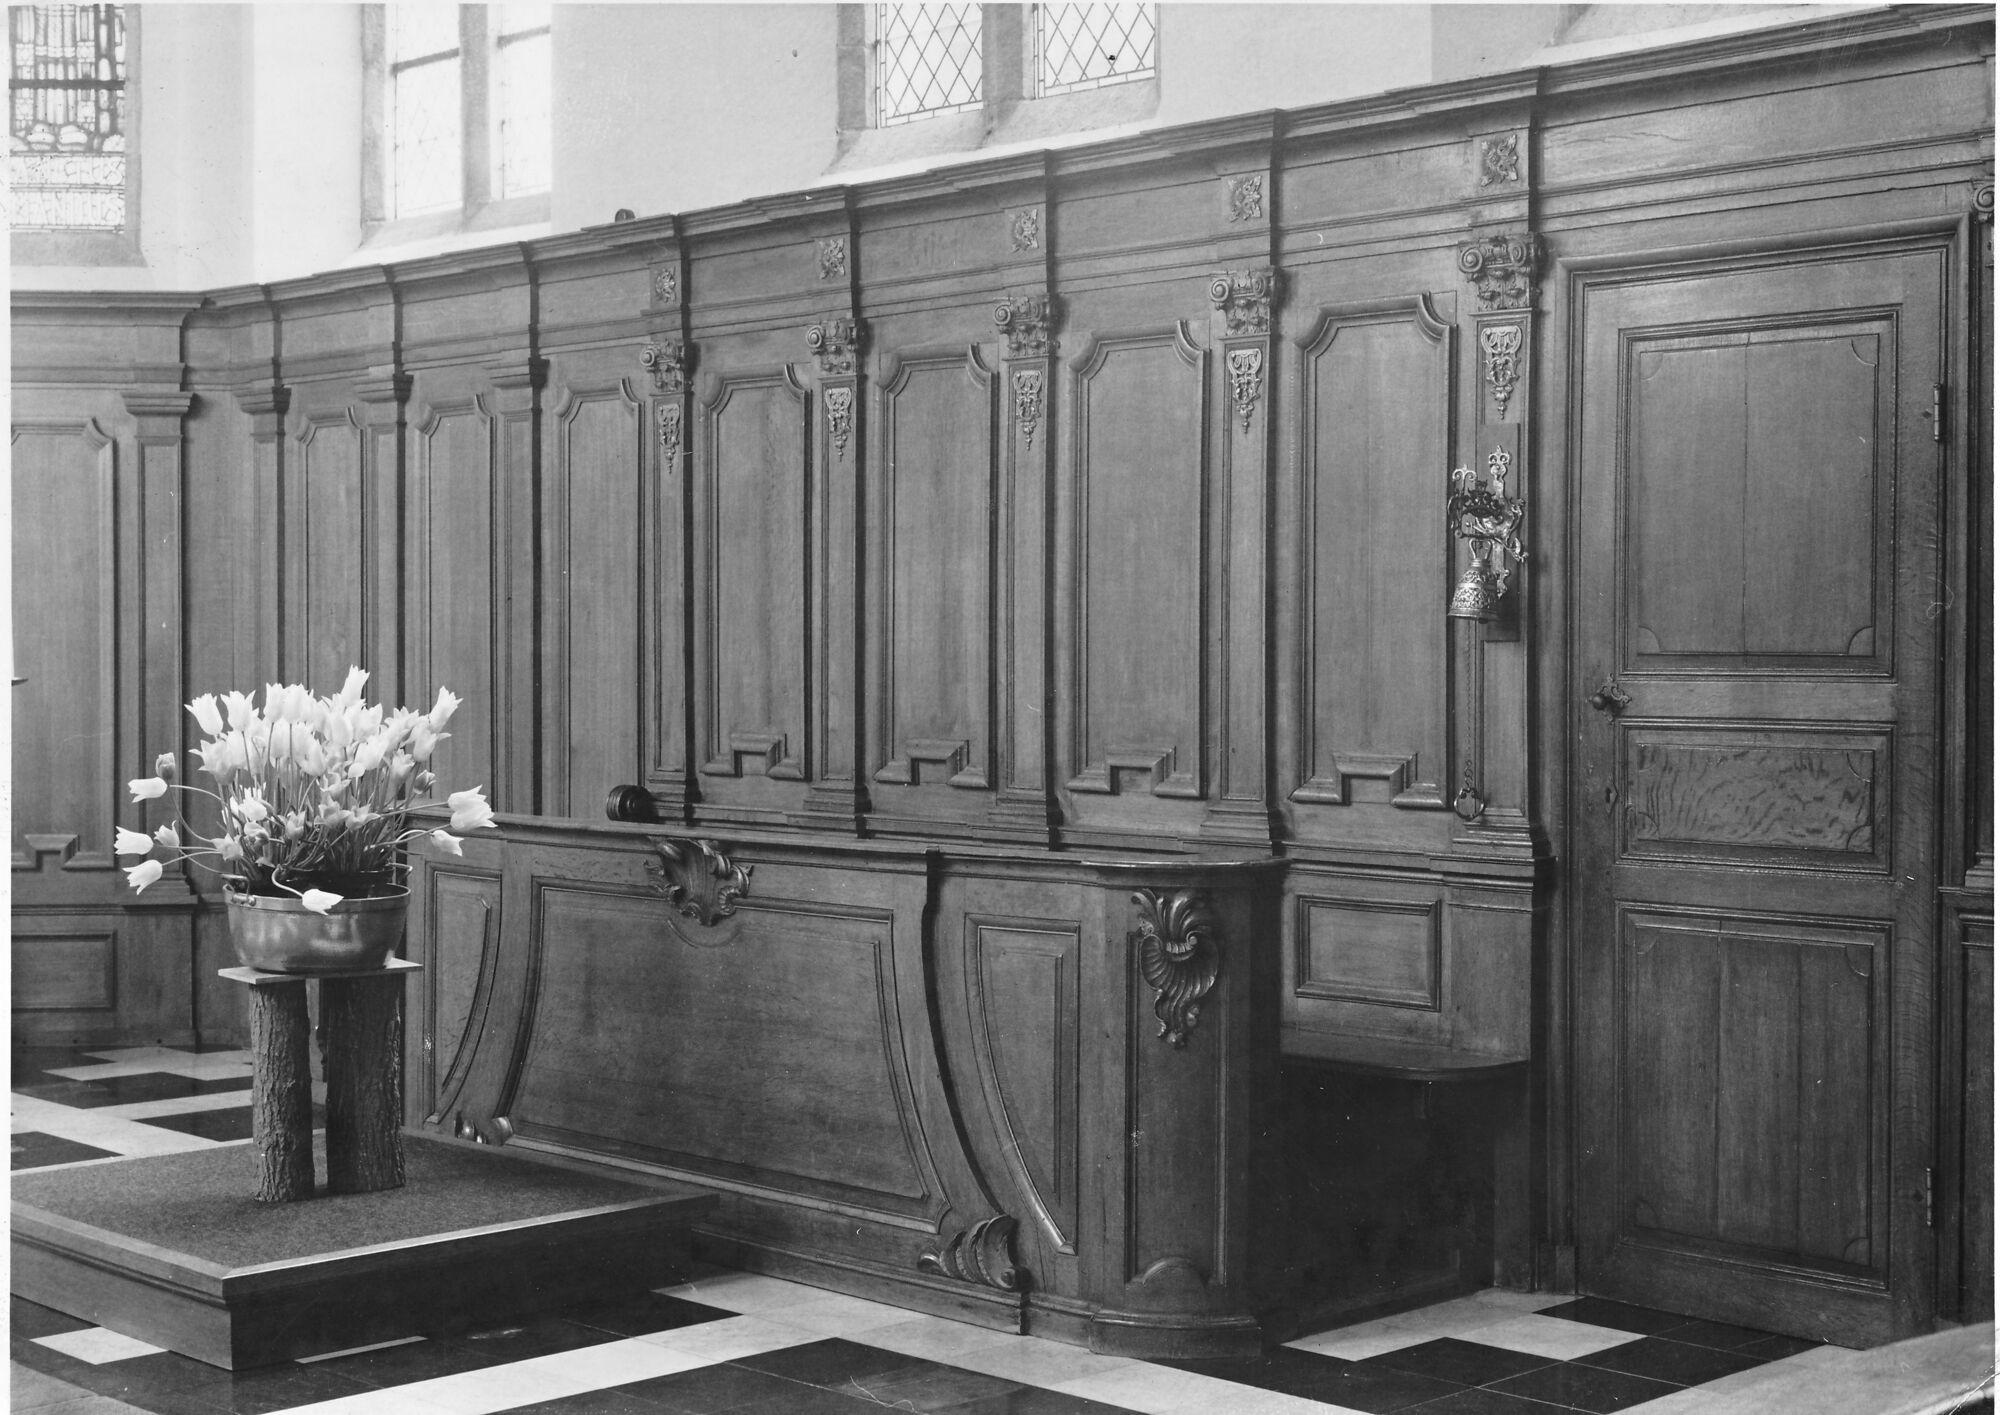 Koorbank kerk Deftinge